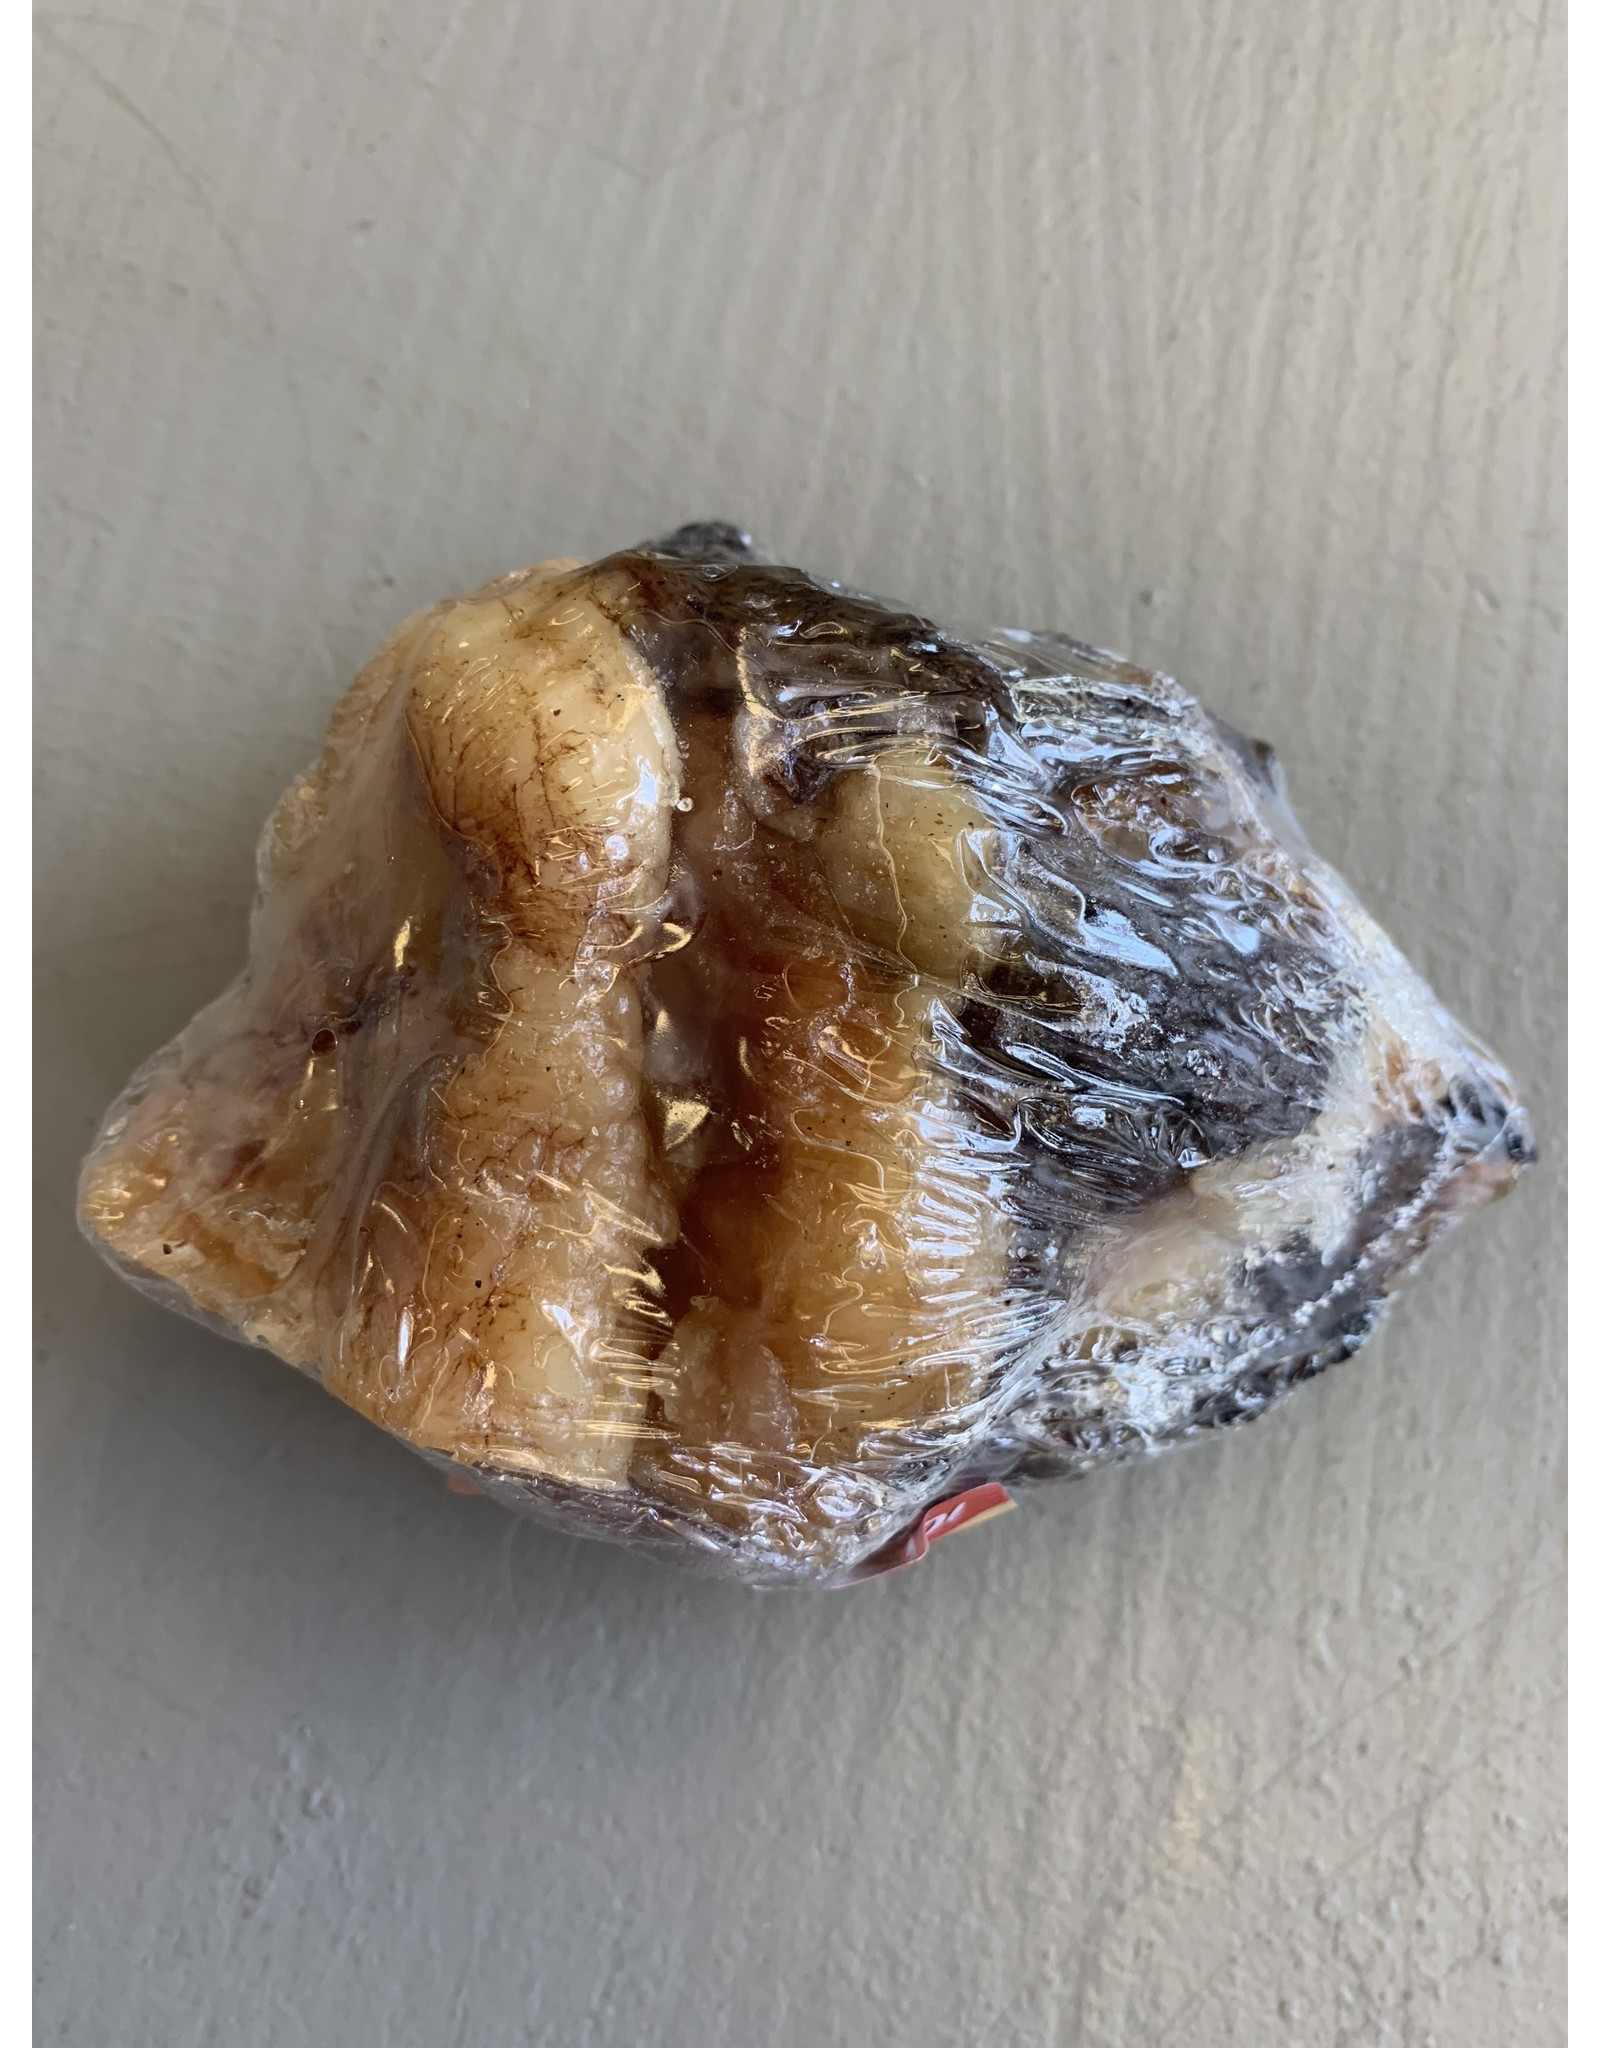 Jakers Jakers - Beef Tartar Bone